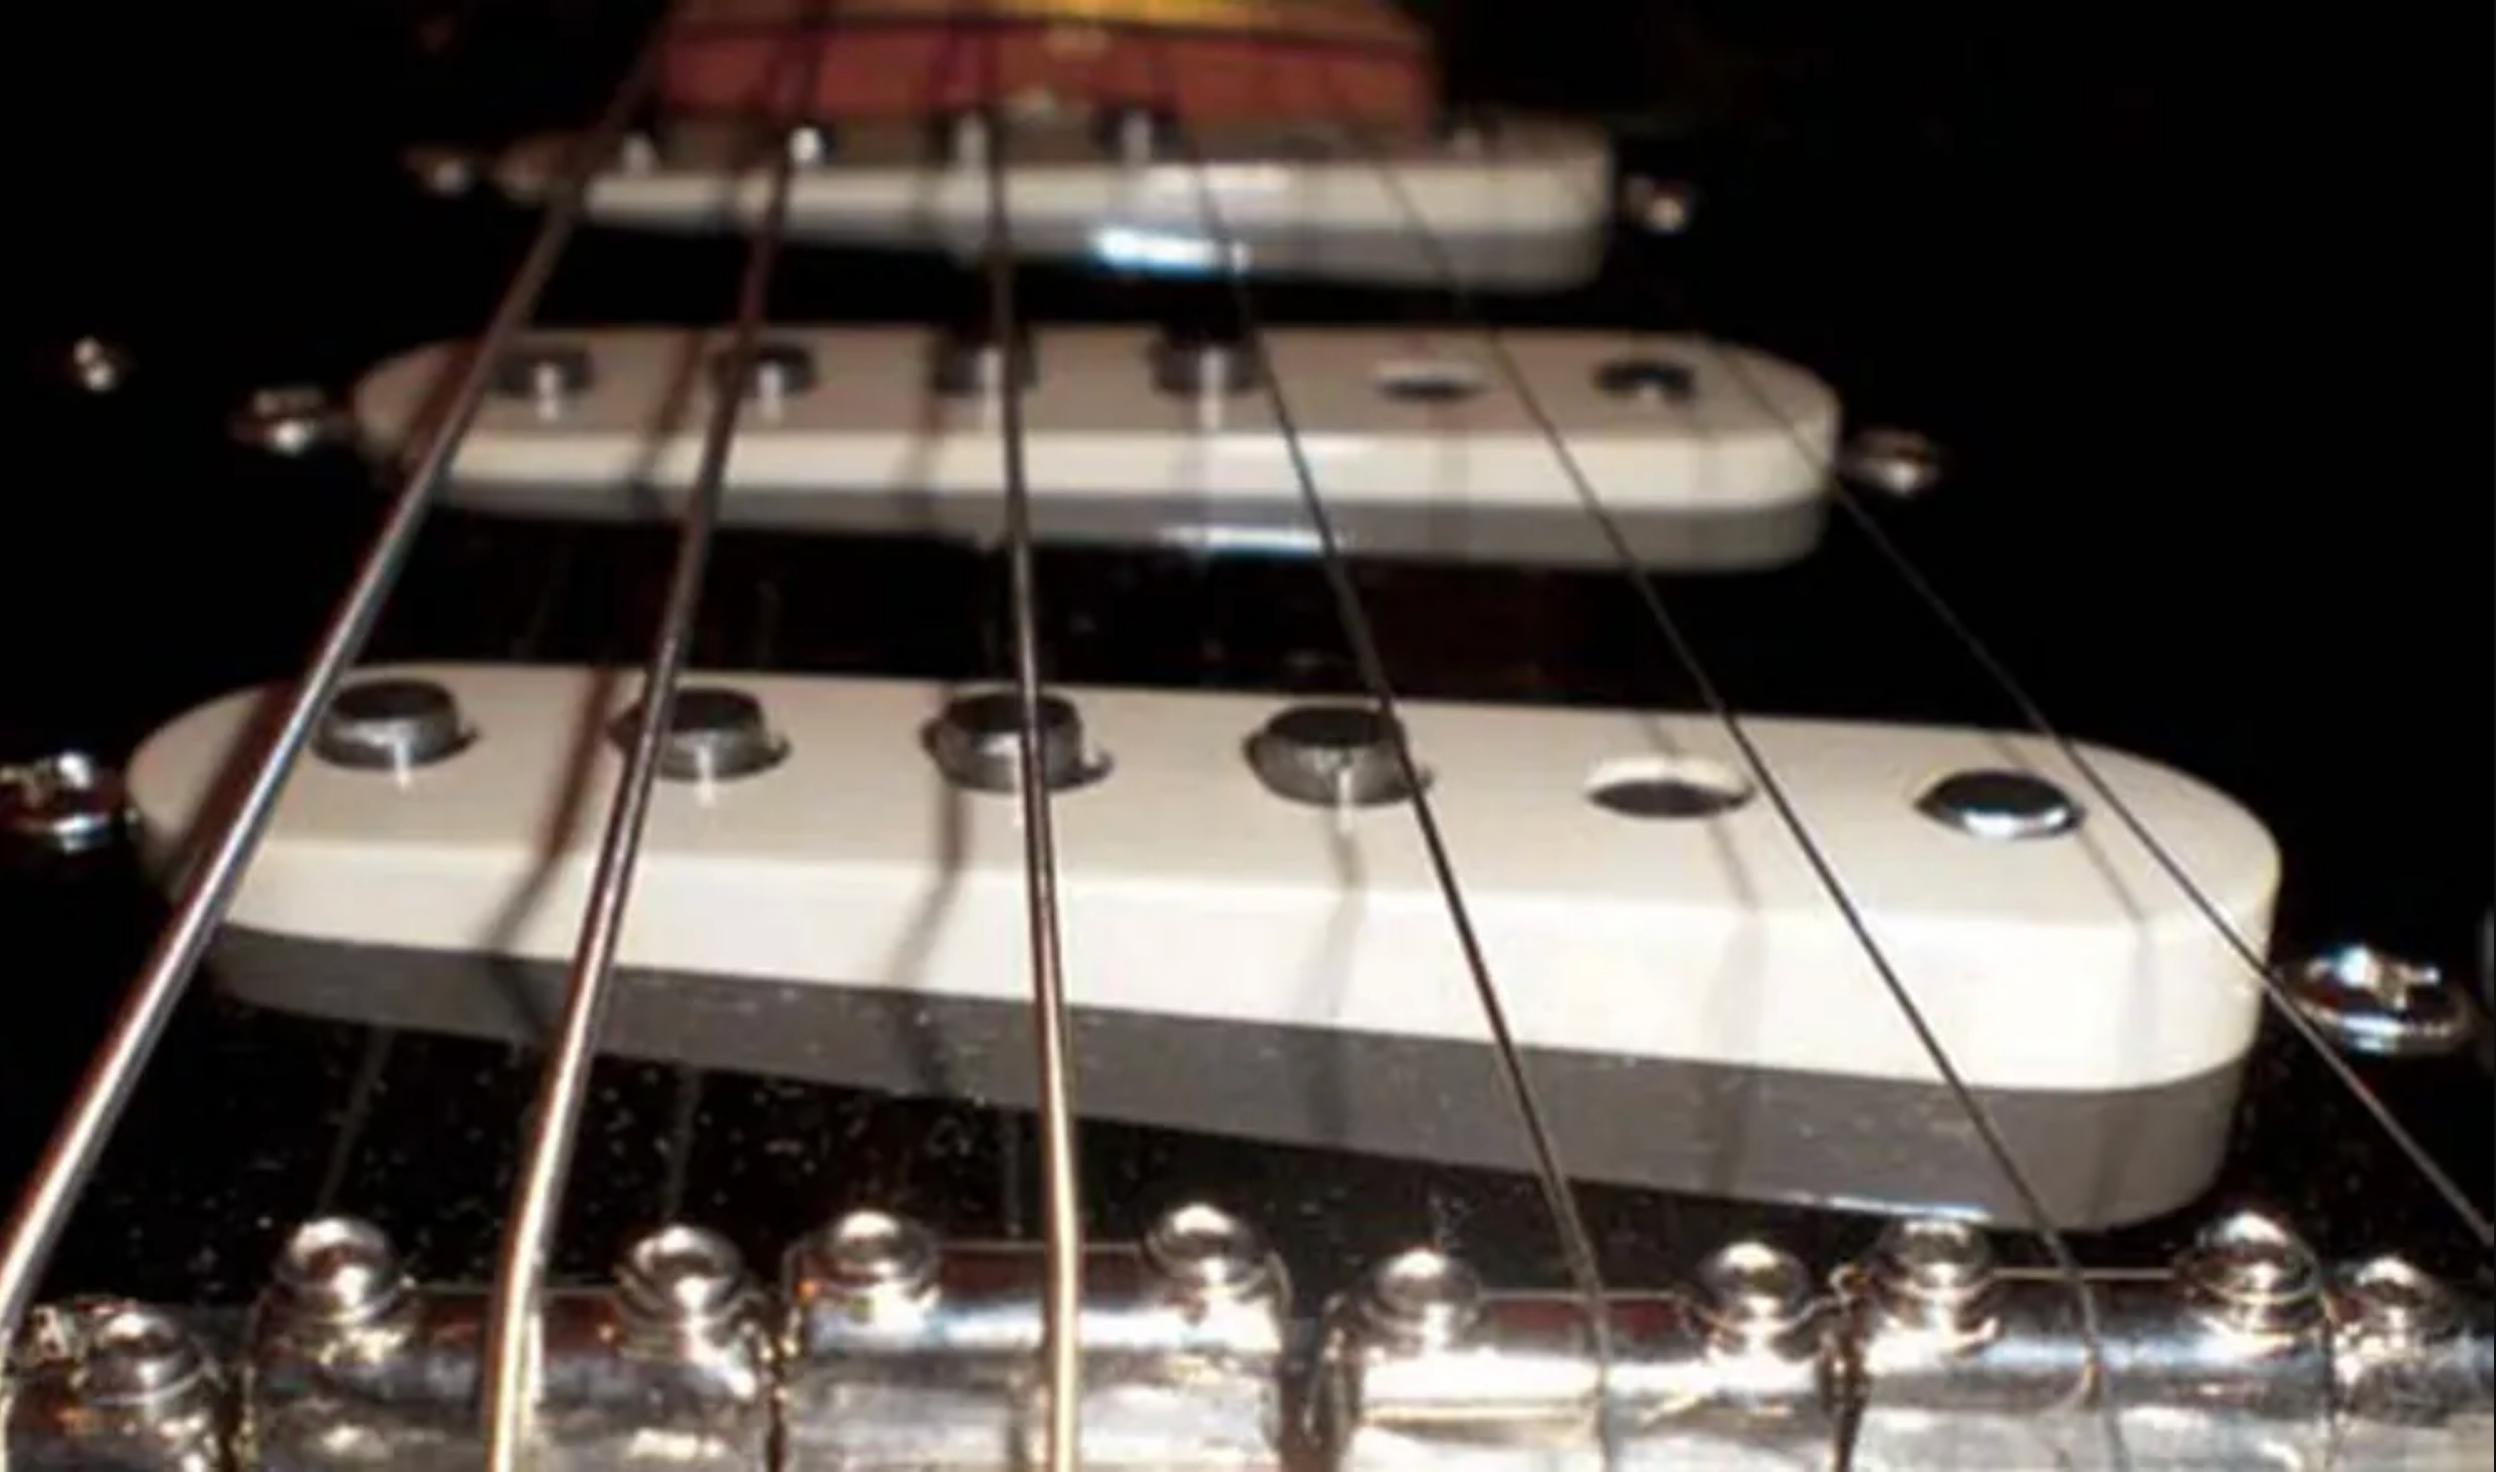 Adjusting Stratocaster Pickup Height, Pt. 2